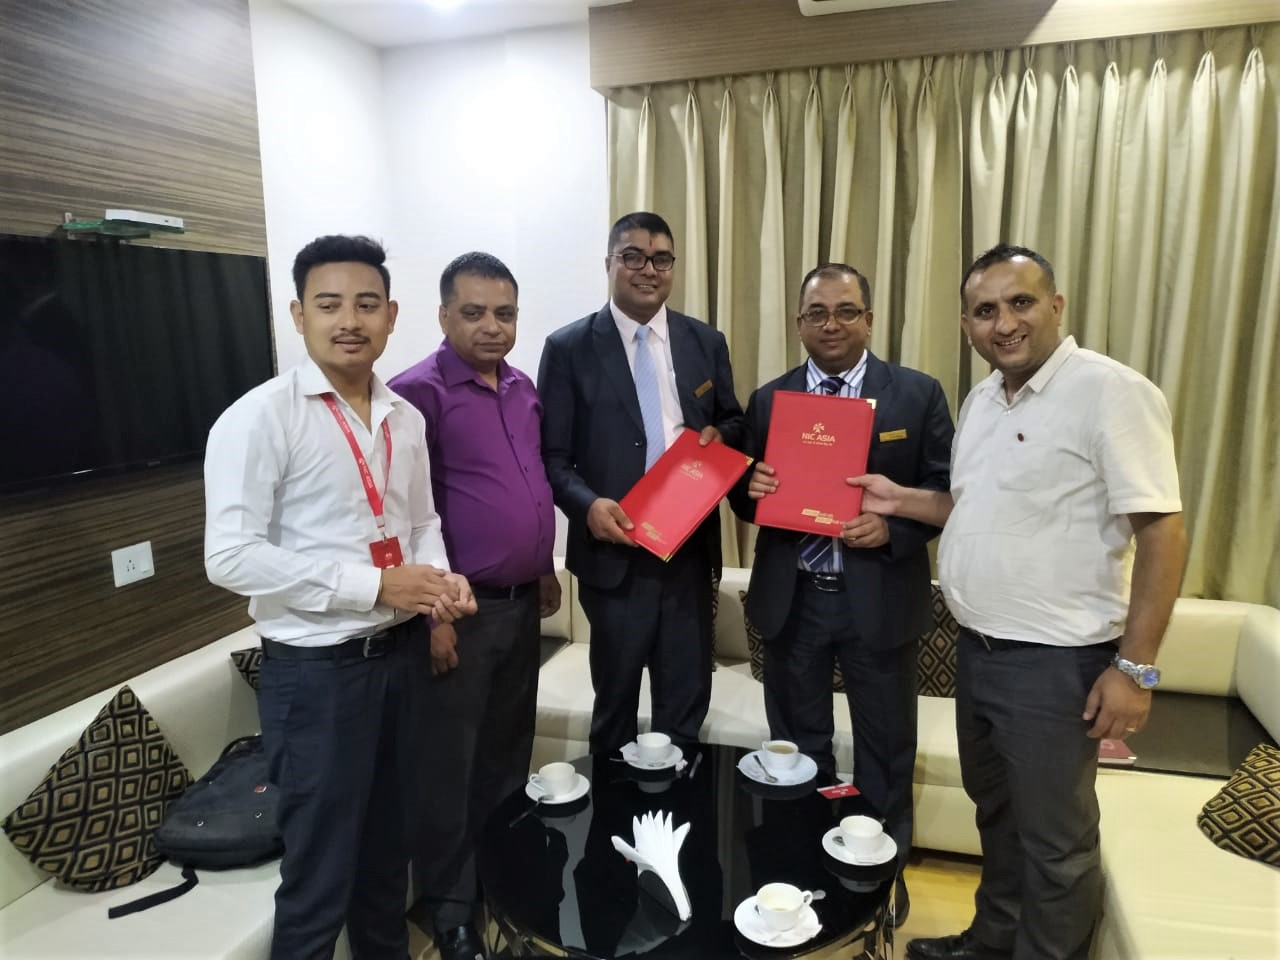 एनआईसी एशिया बैंक र होटल ह्यारिसन प्यालेस विराटनगरबीच सम्झौता